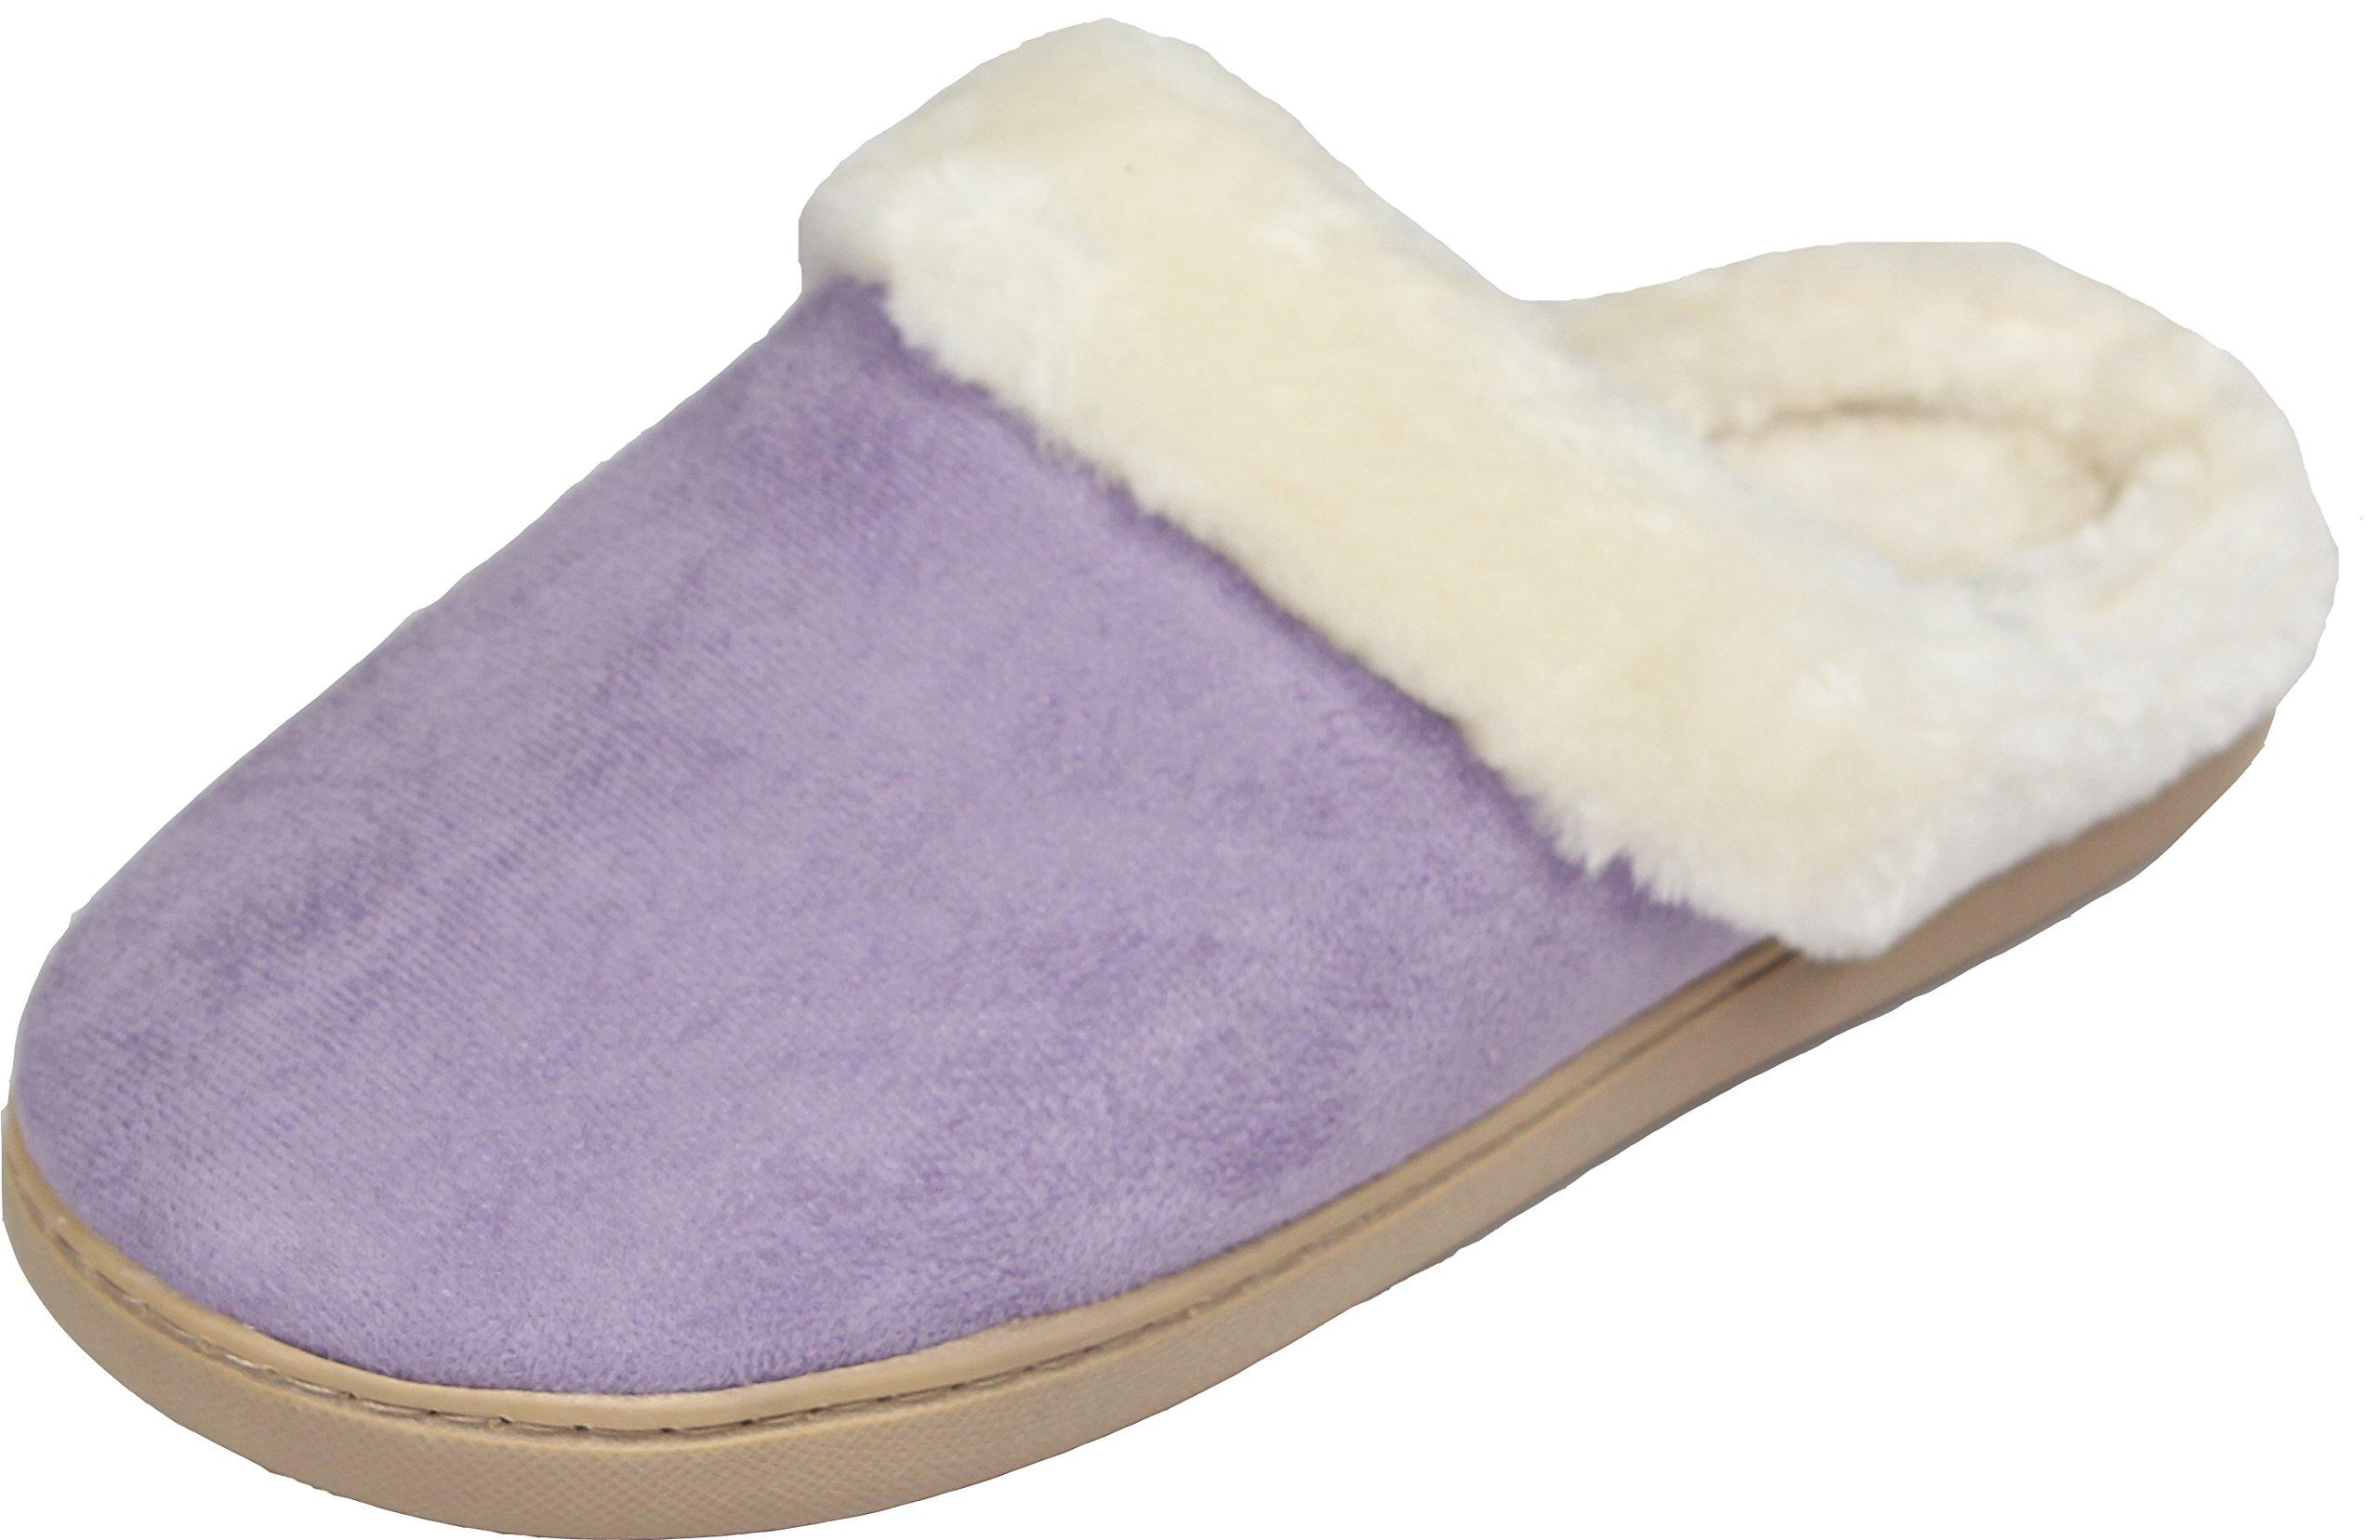 Luxehome Women's Cozy Fleece House Footwear/Slippers(1-08) (XXL/9-10 US, Light Purple)